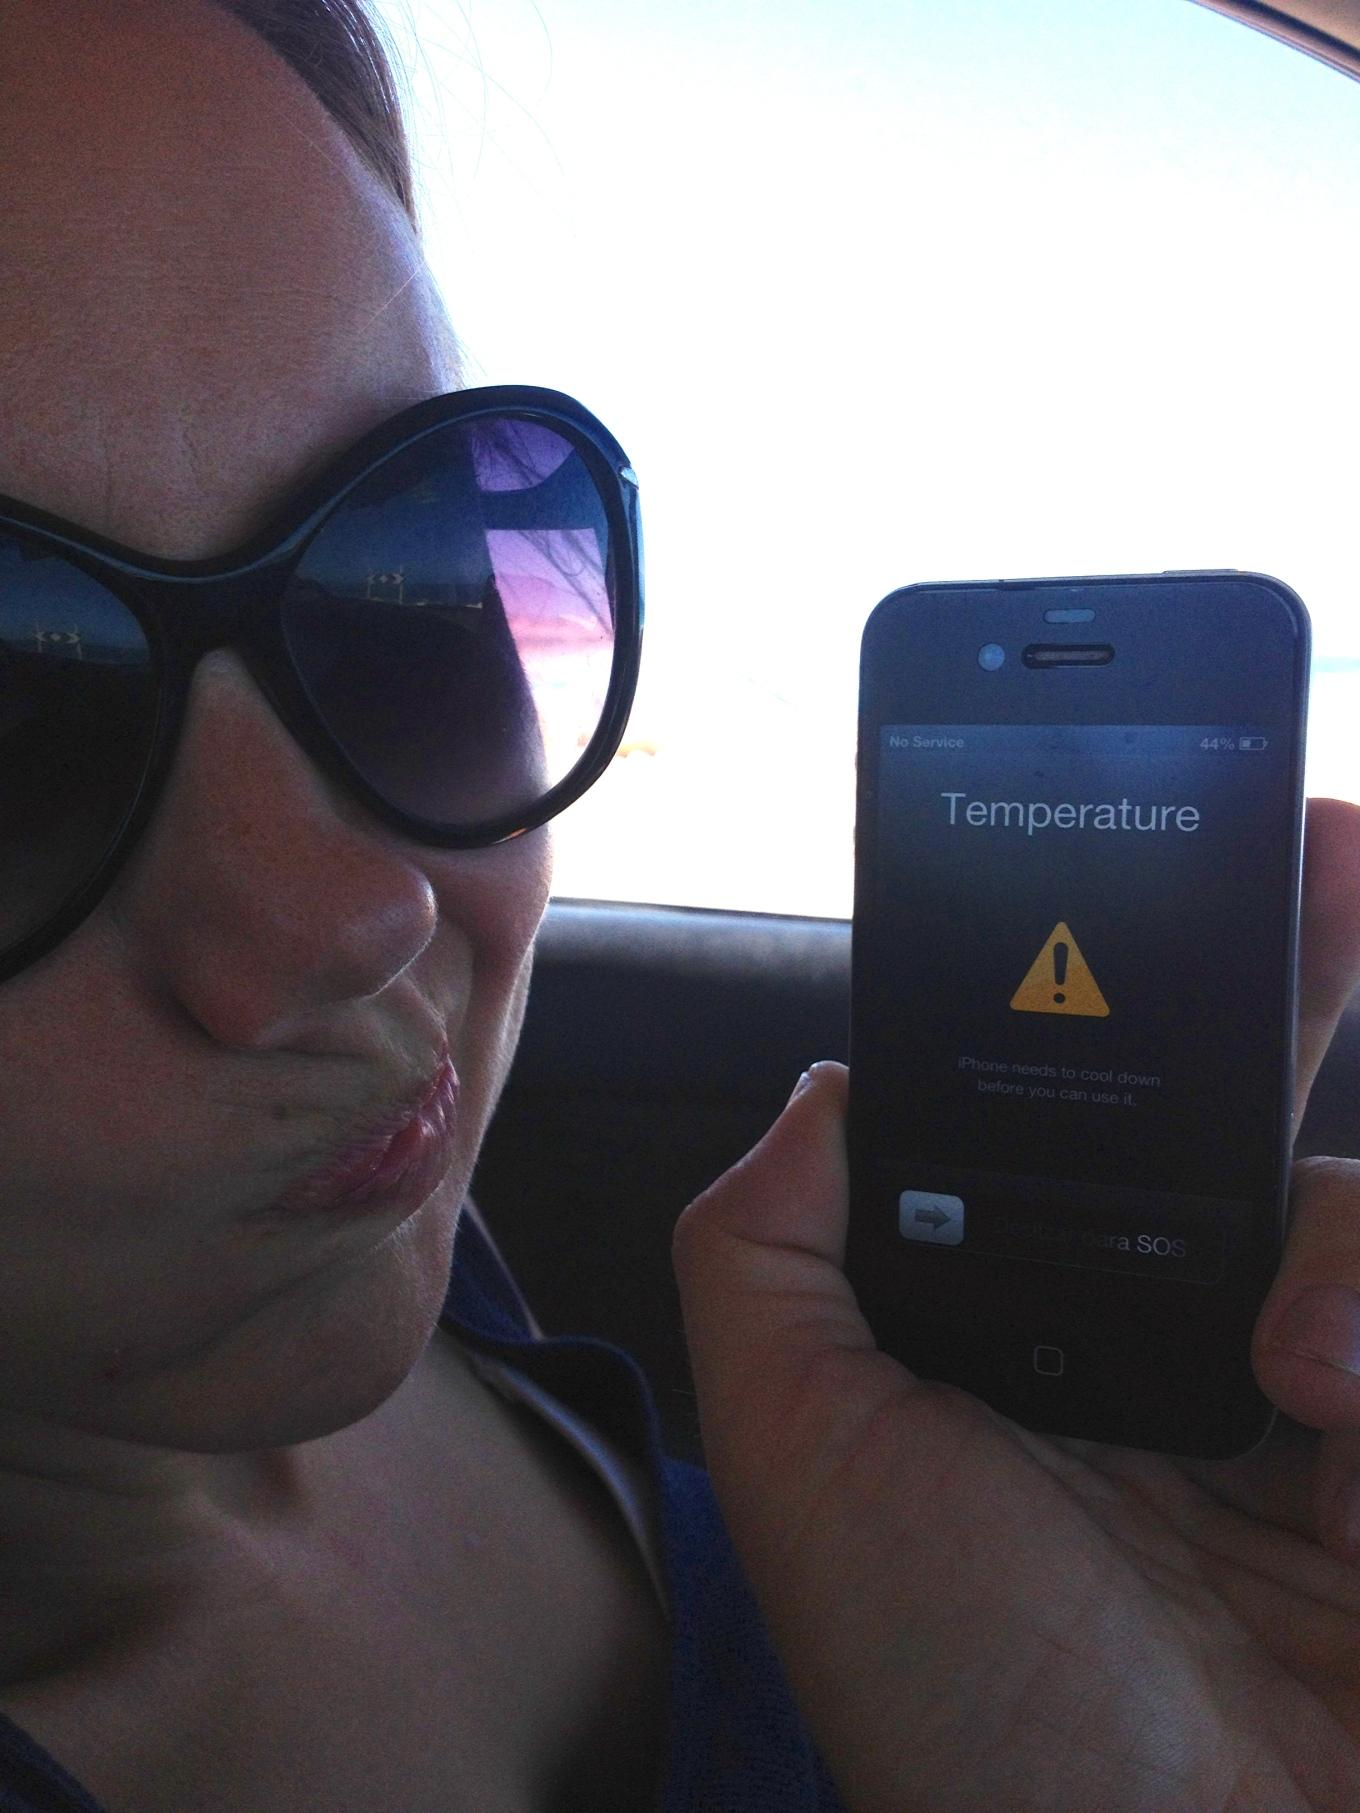 phone overheated